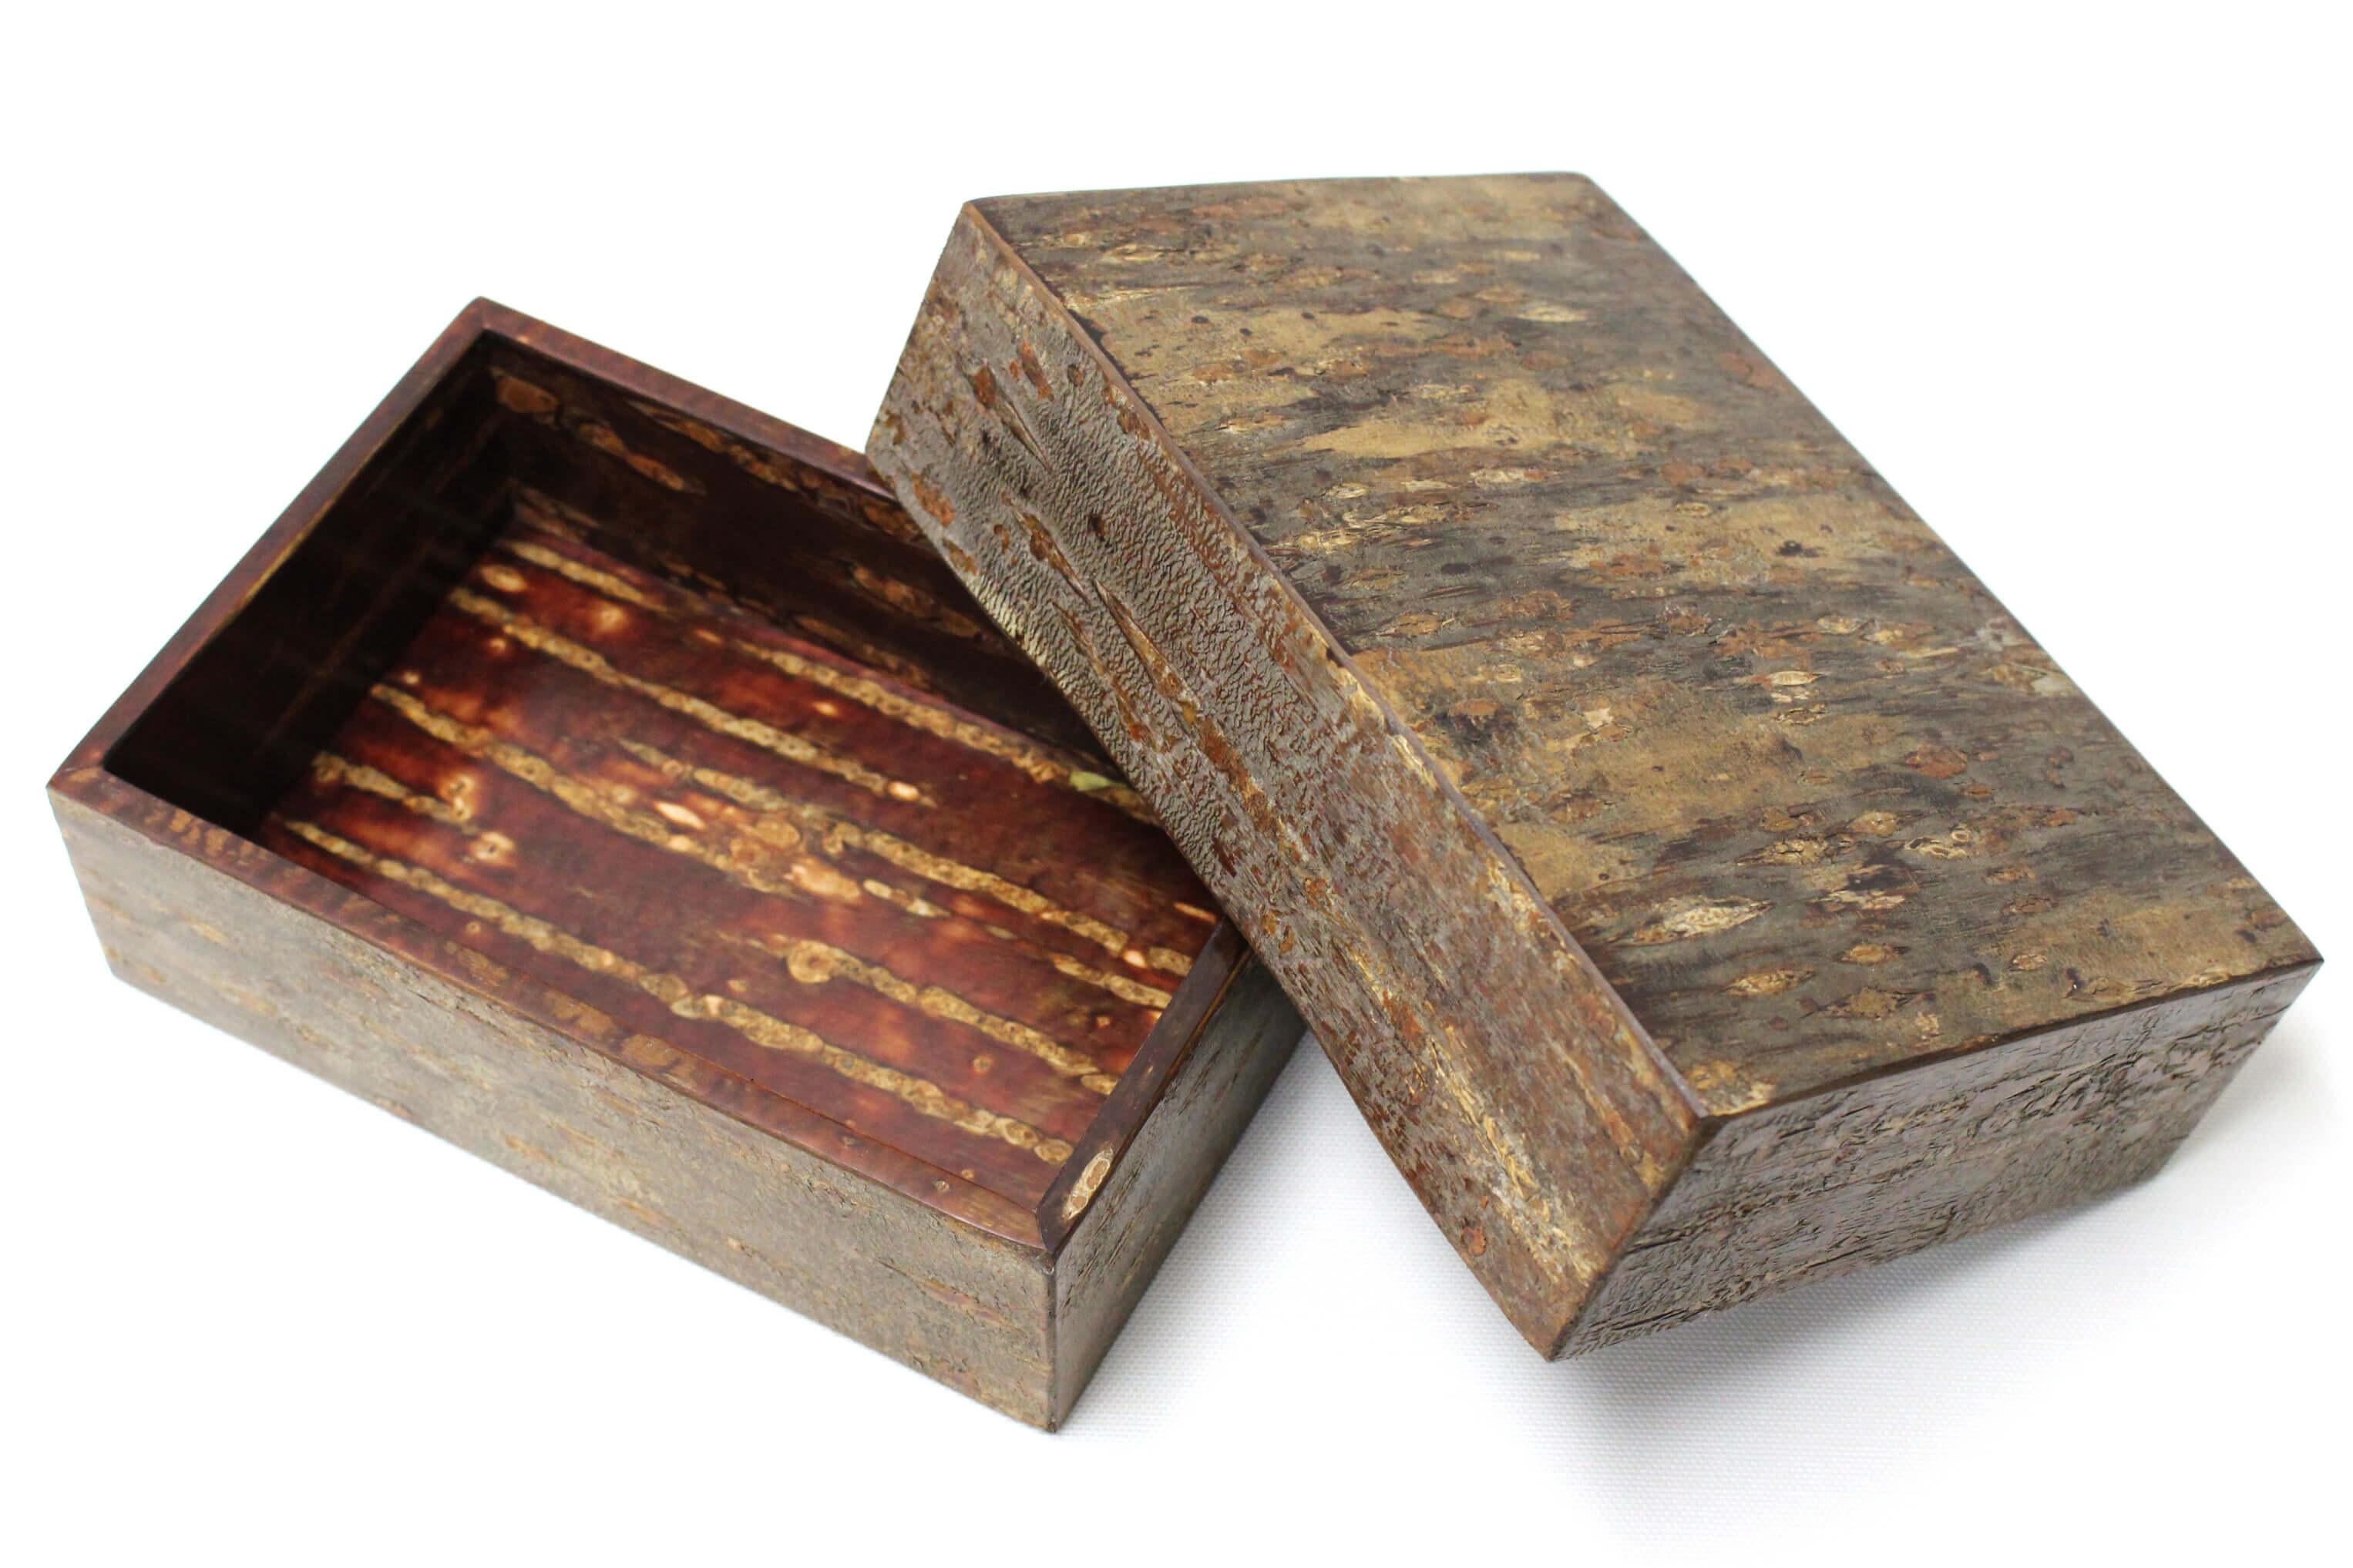 Box (the inside) of birch